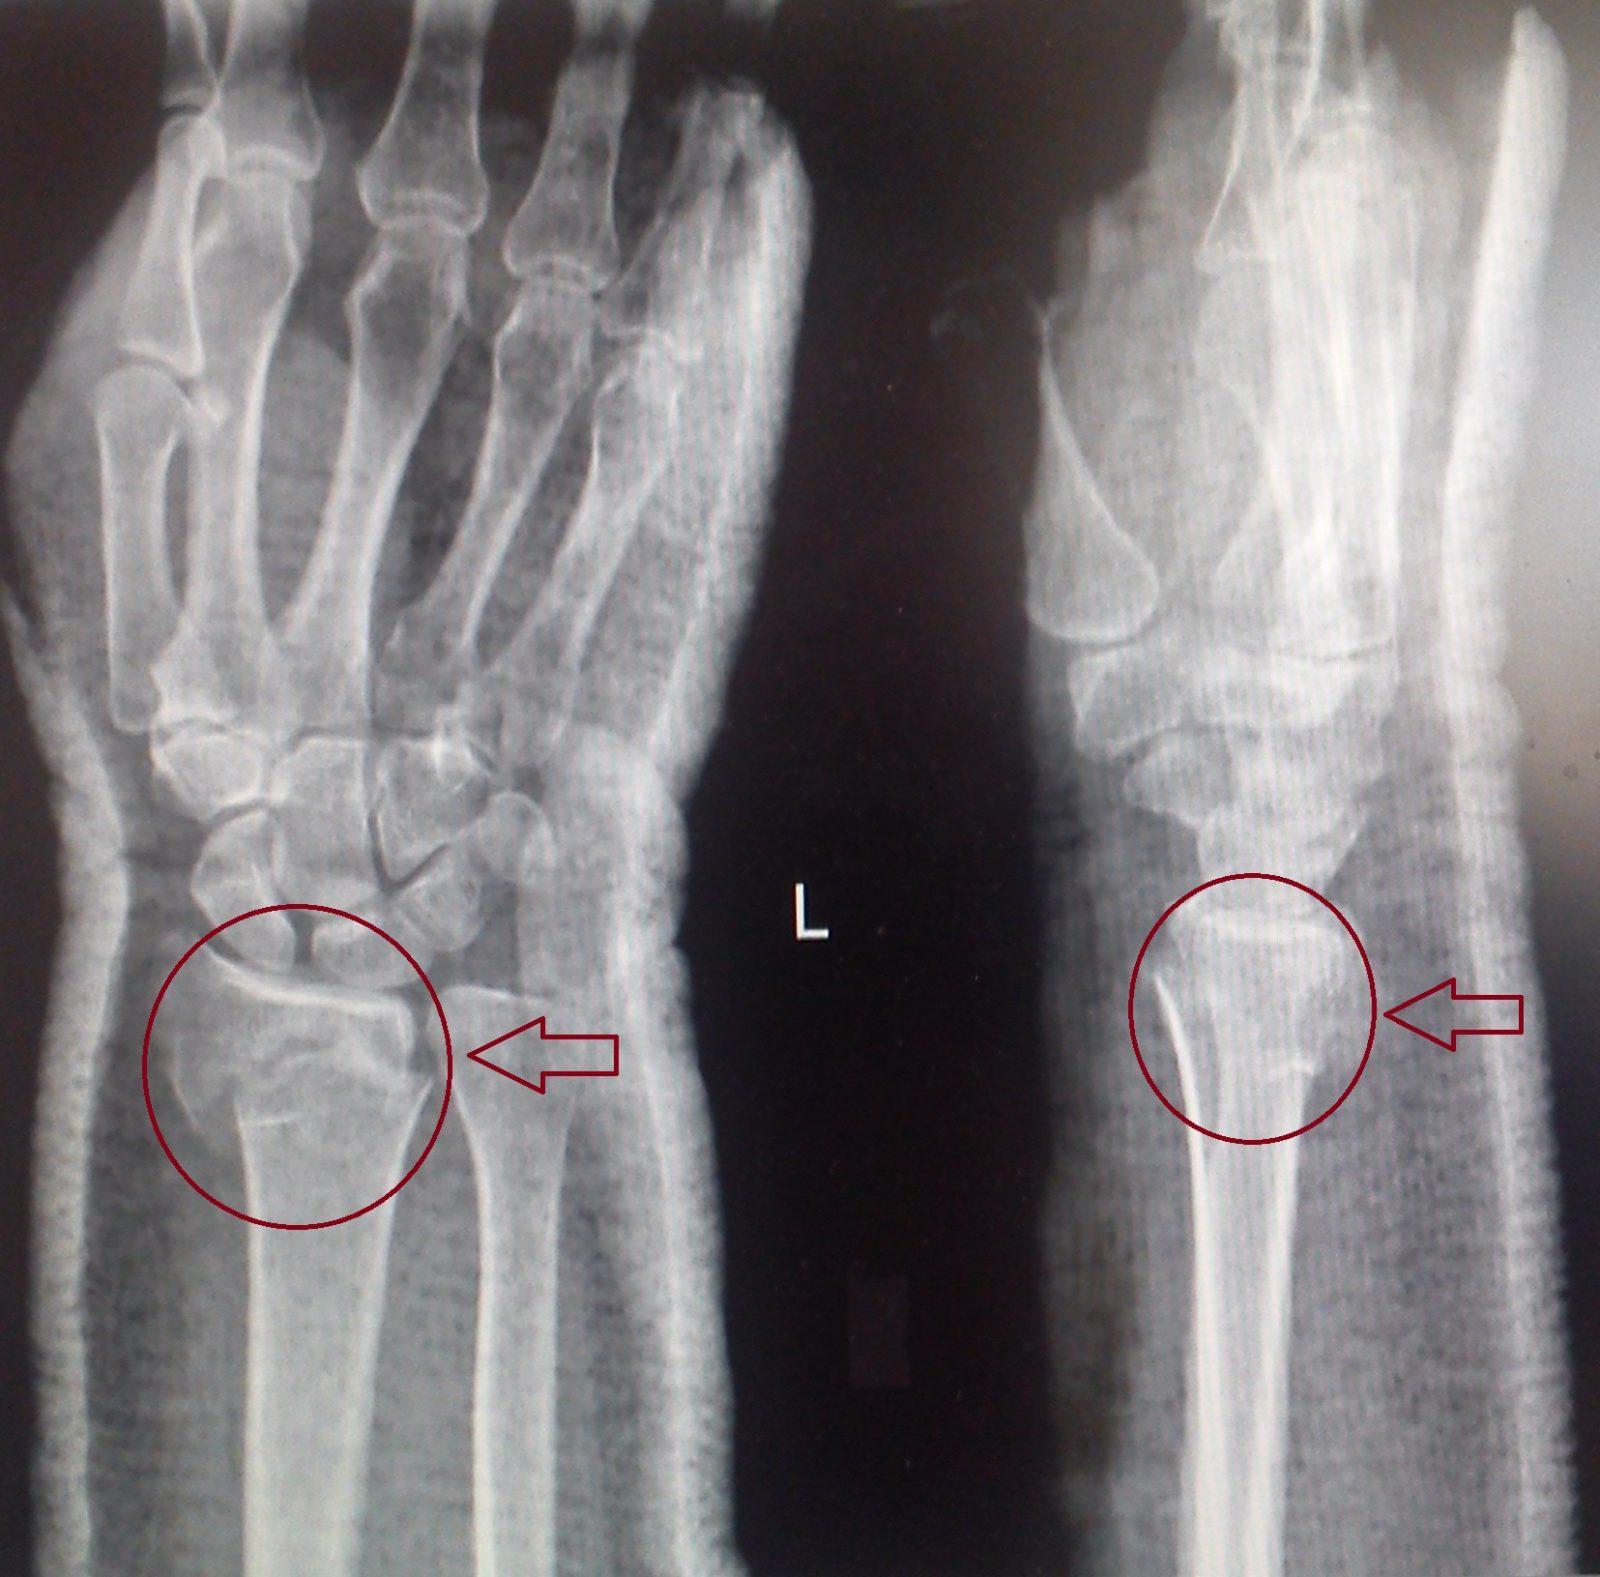 Закрытый перелом лучевой/локтевой кости: симптомы, лечение, восстановление